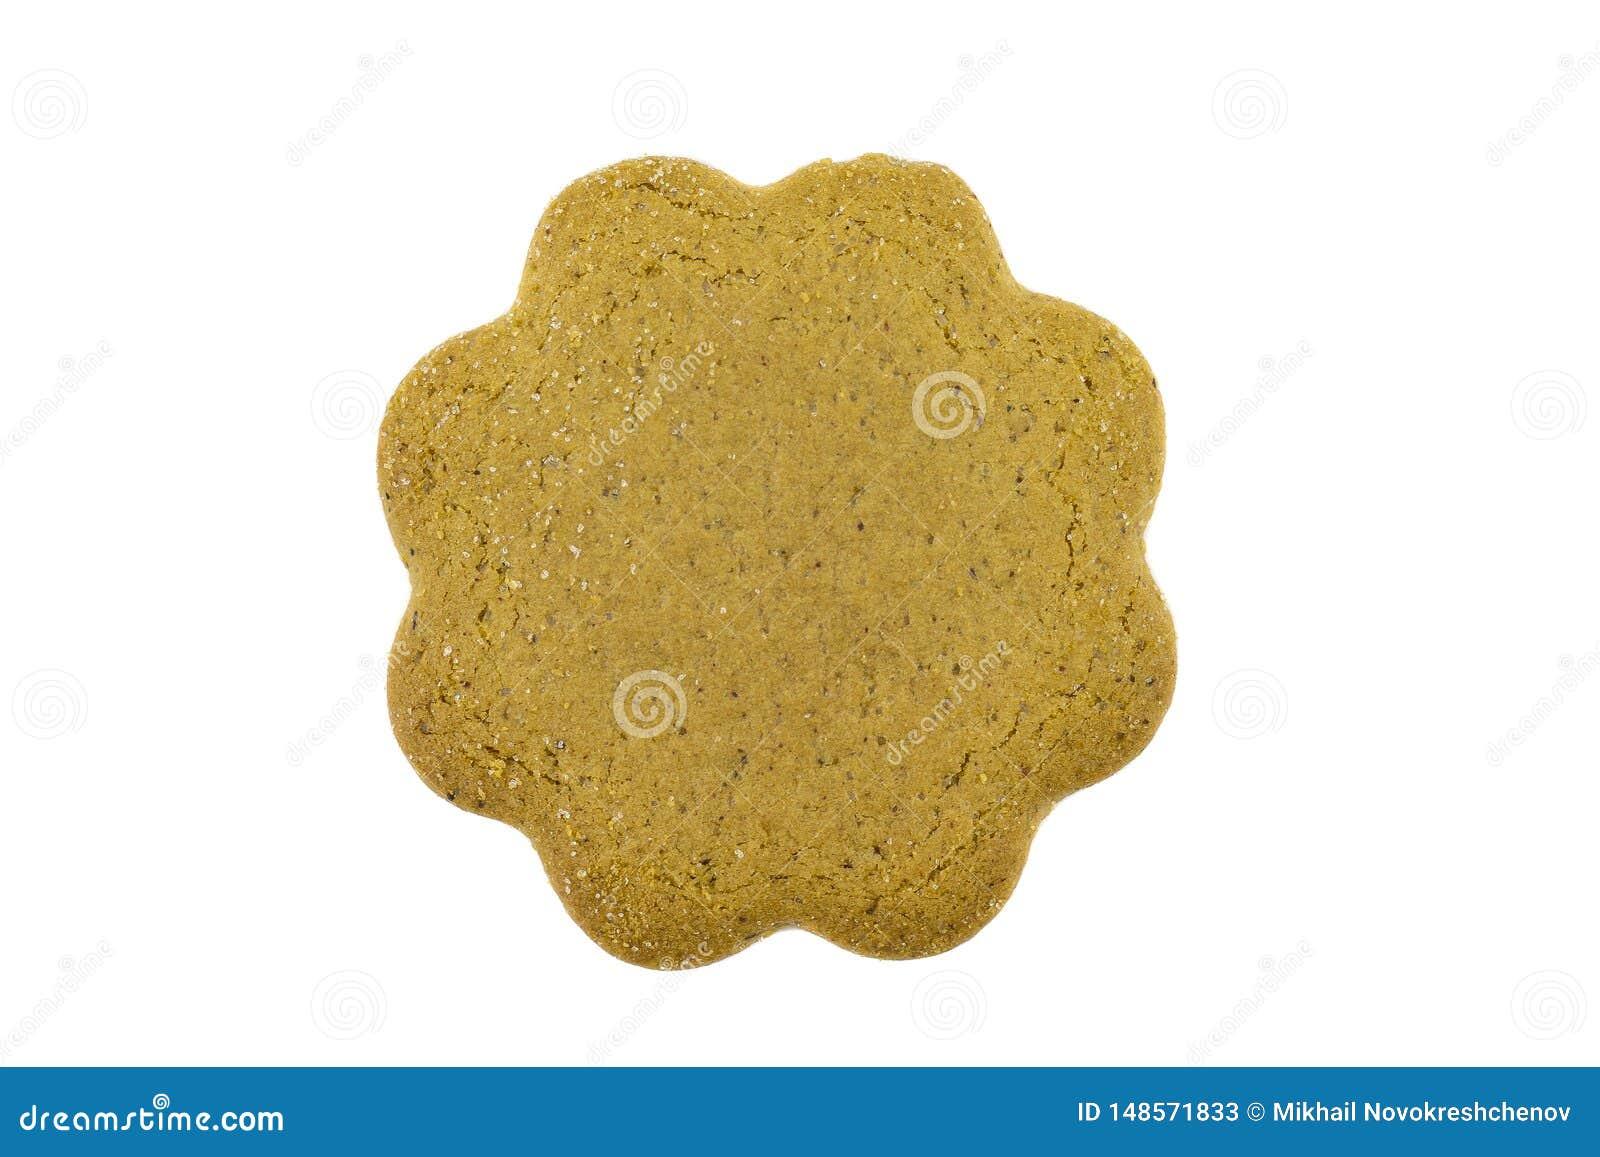 Ett över huvudet foto av en enkel ljust rödbrun kaka som isoleras på vit bakgrund